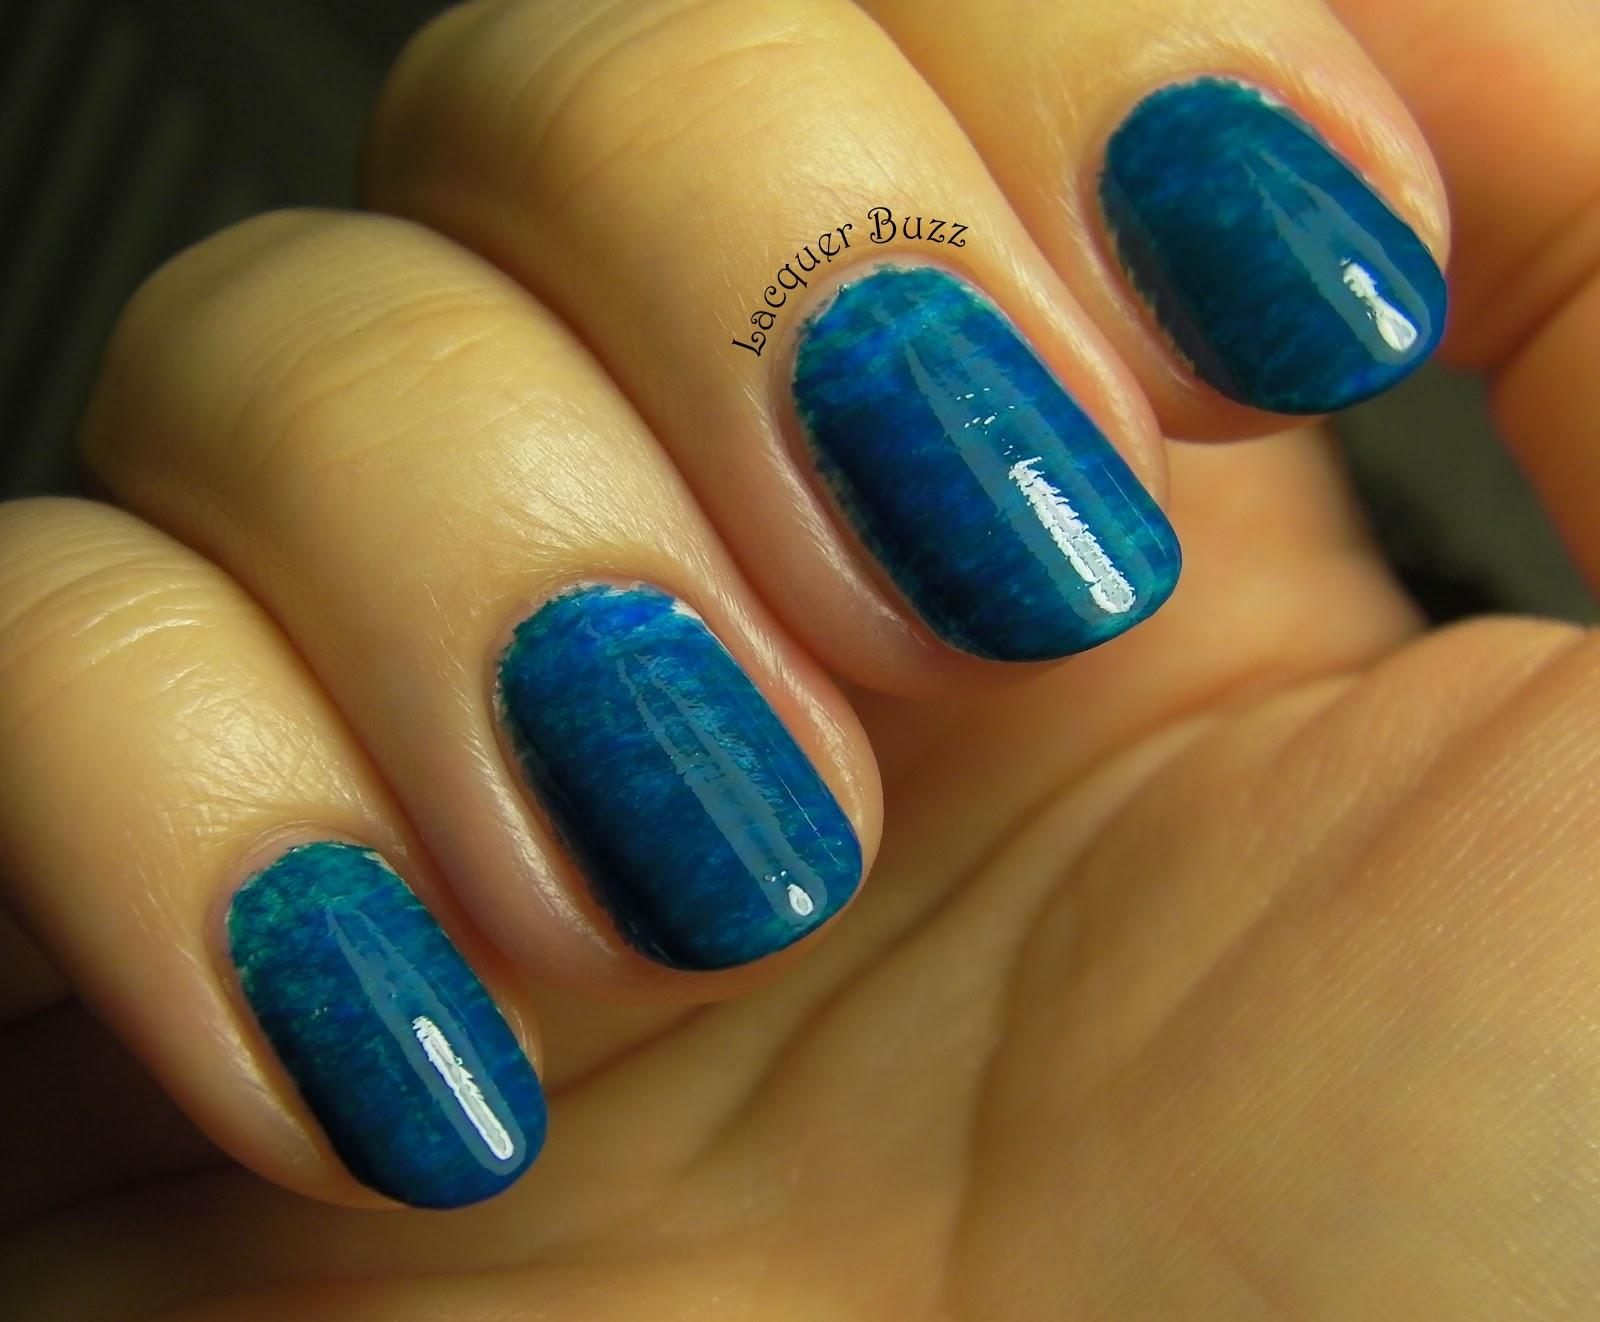 Lacquer Buzz: Monday Blues: Fan Brush Manicure